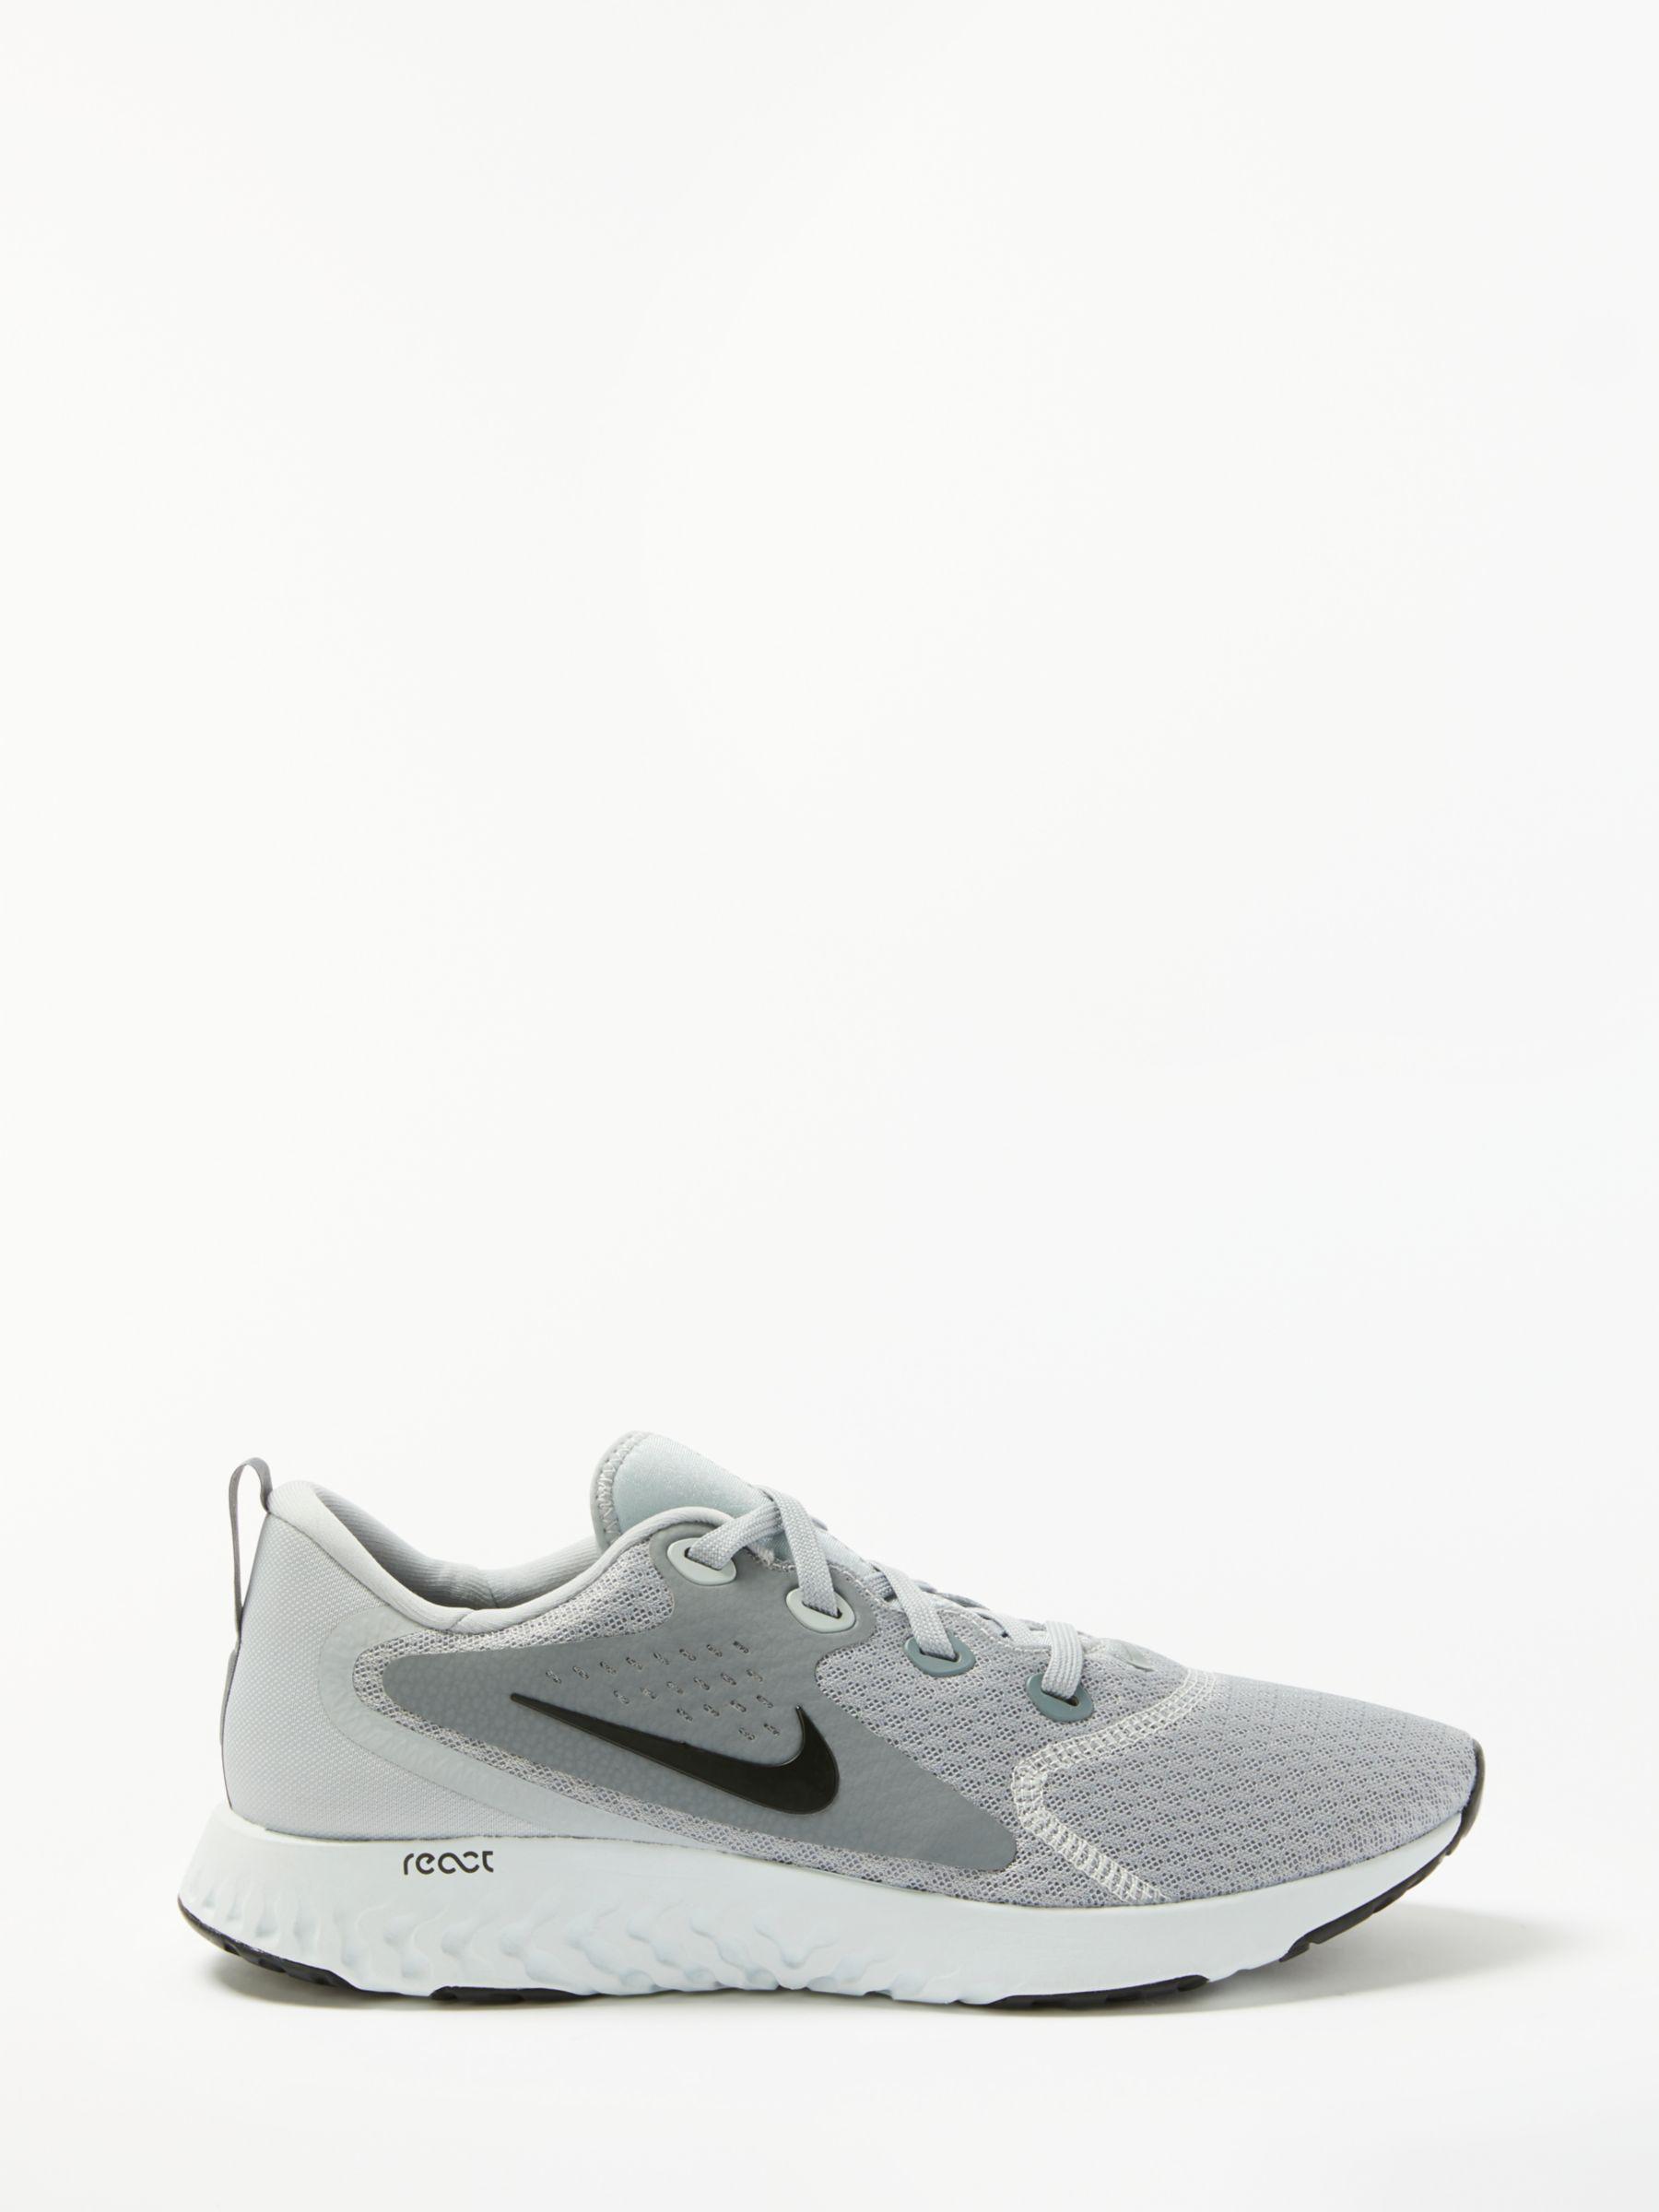 2656db1f9e6238 Nike Legend React Men s Running Shoe in Gray for Men - Lyst